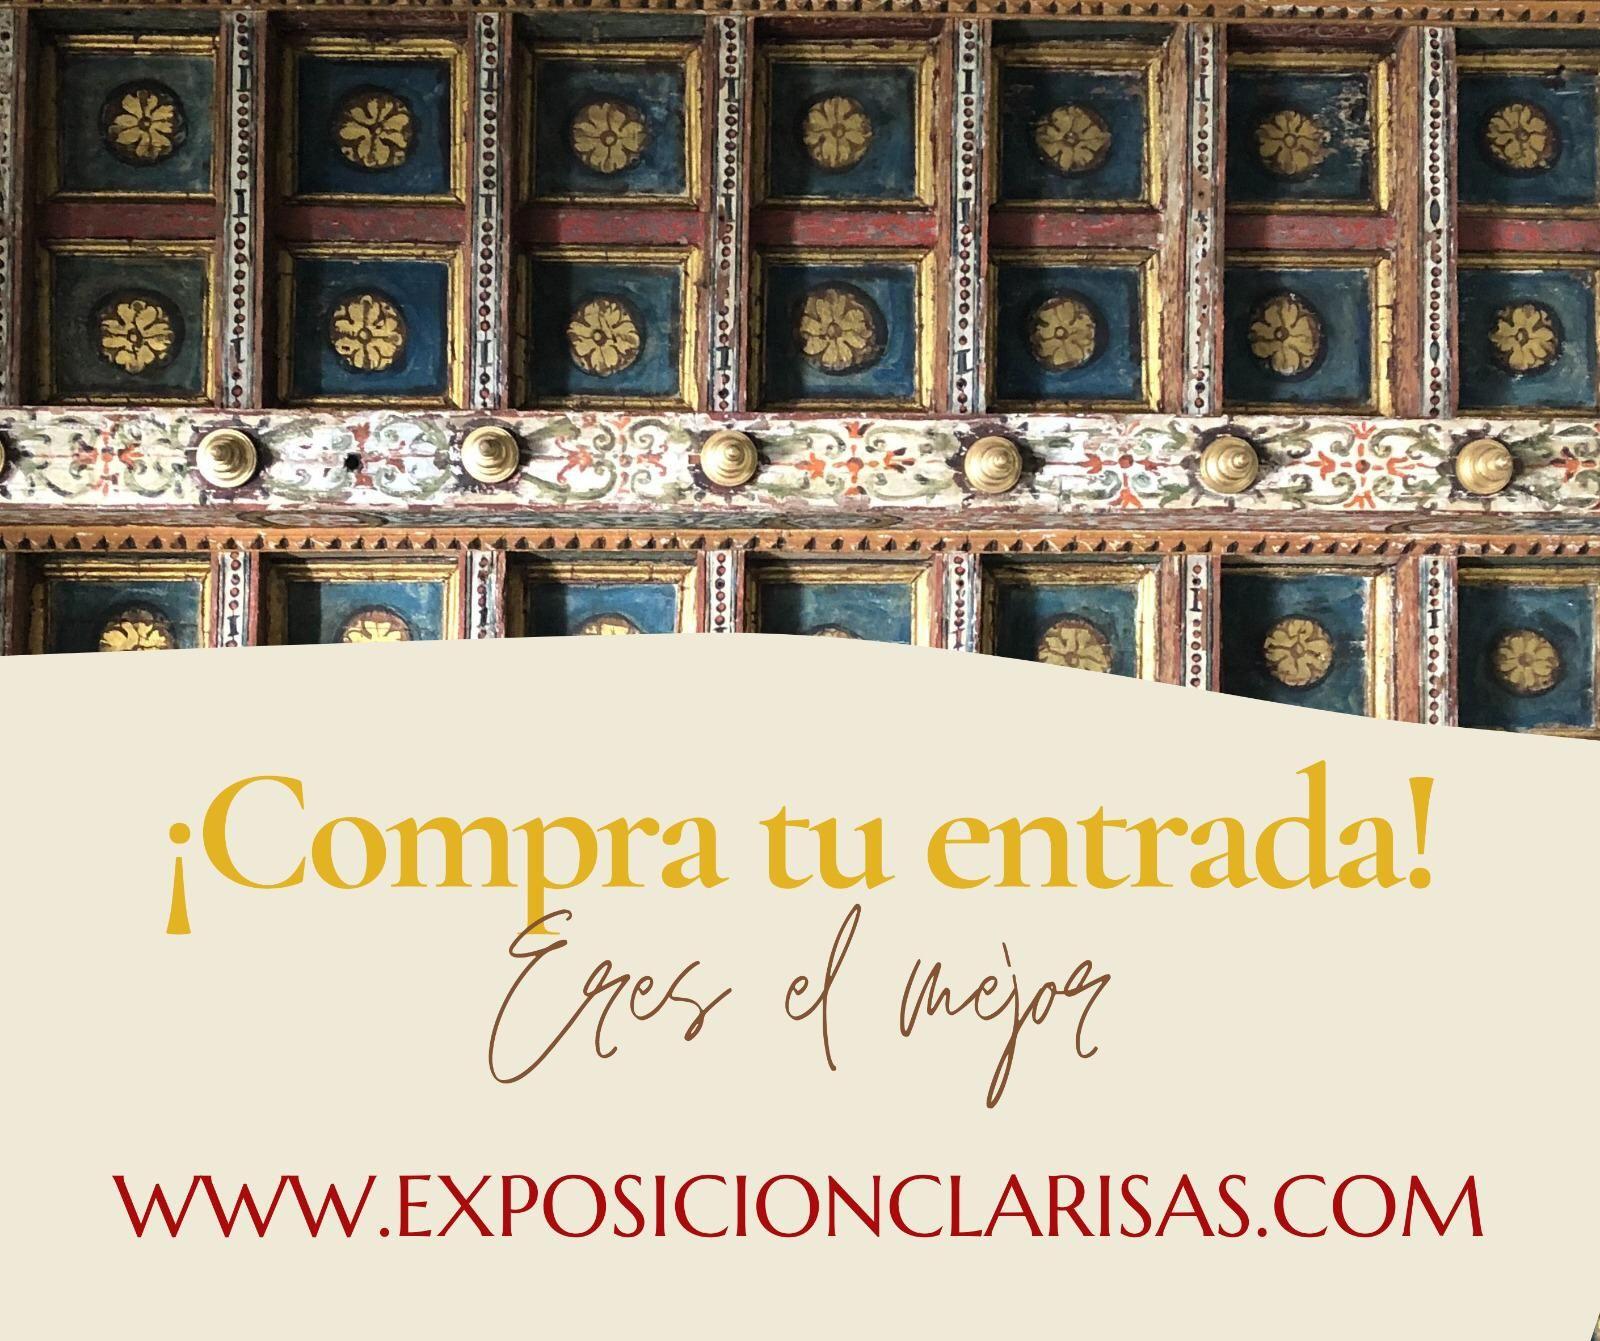 El Convento de Santa María de Jesús celebra una exposición para conmemorar sus 500 años